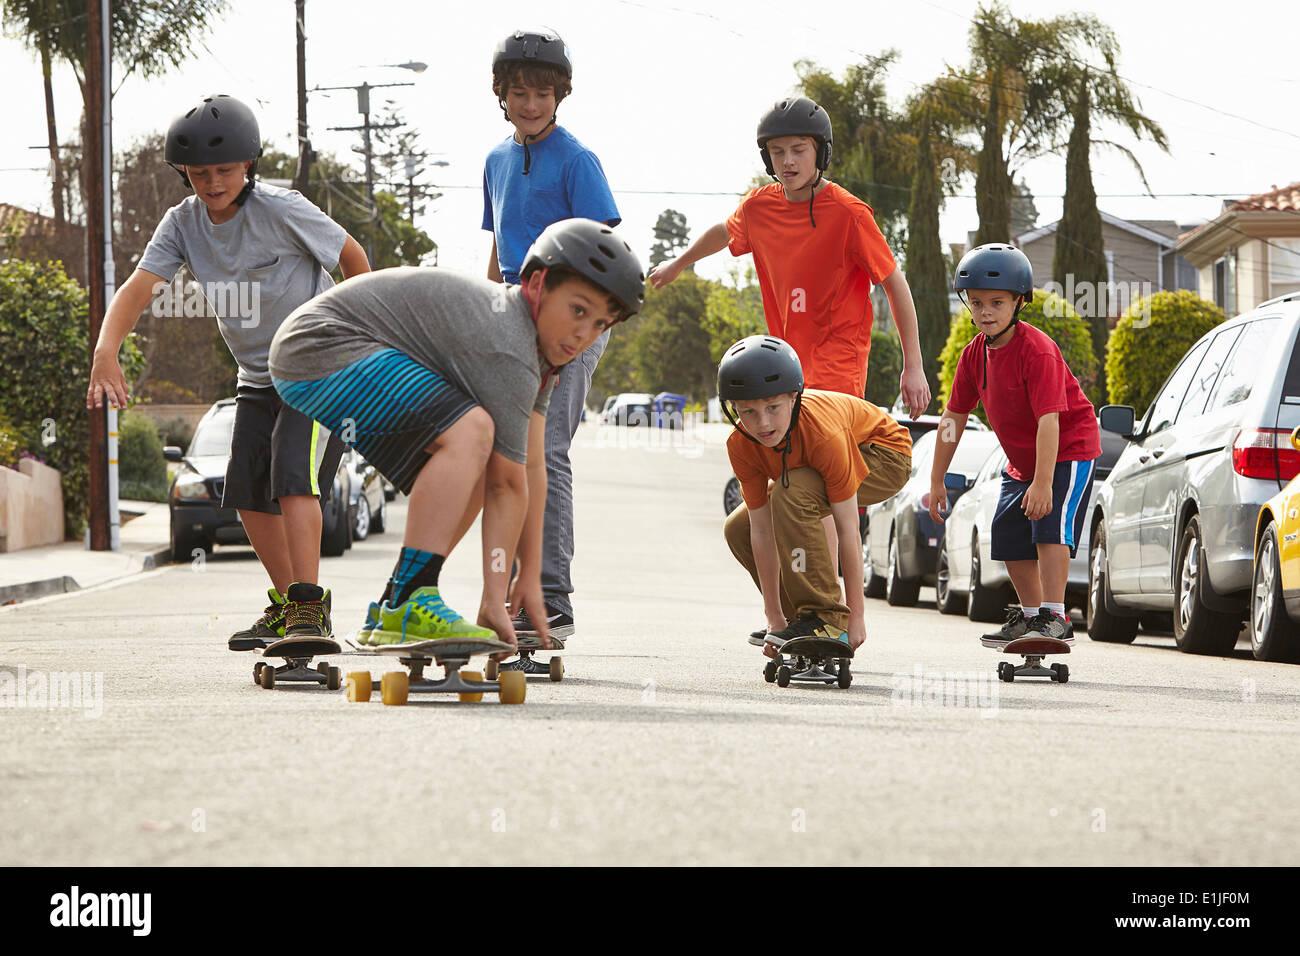 Los niños skateboarding en la carretera Foto de stock